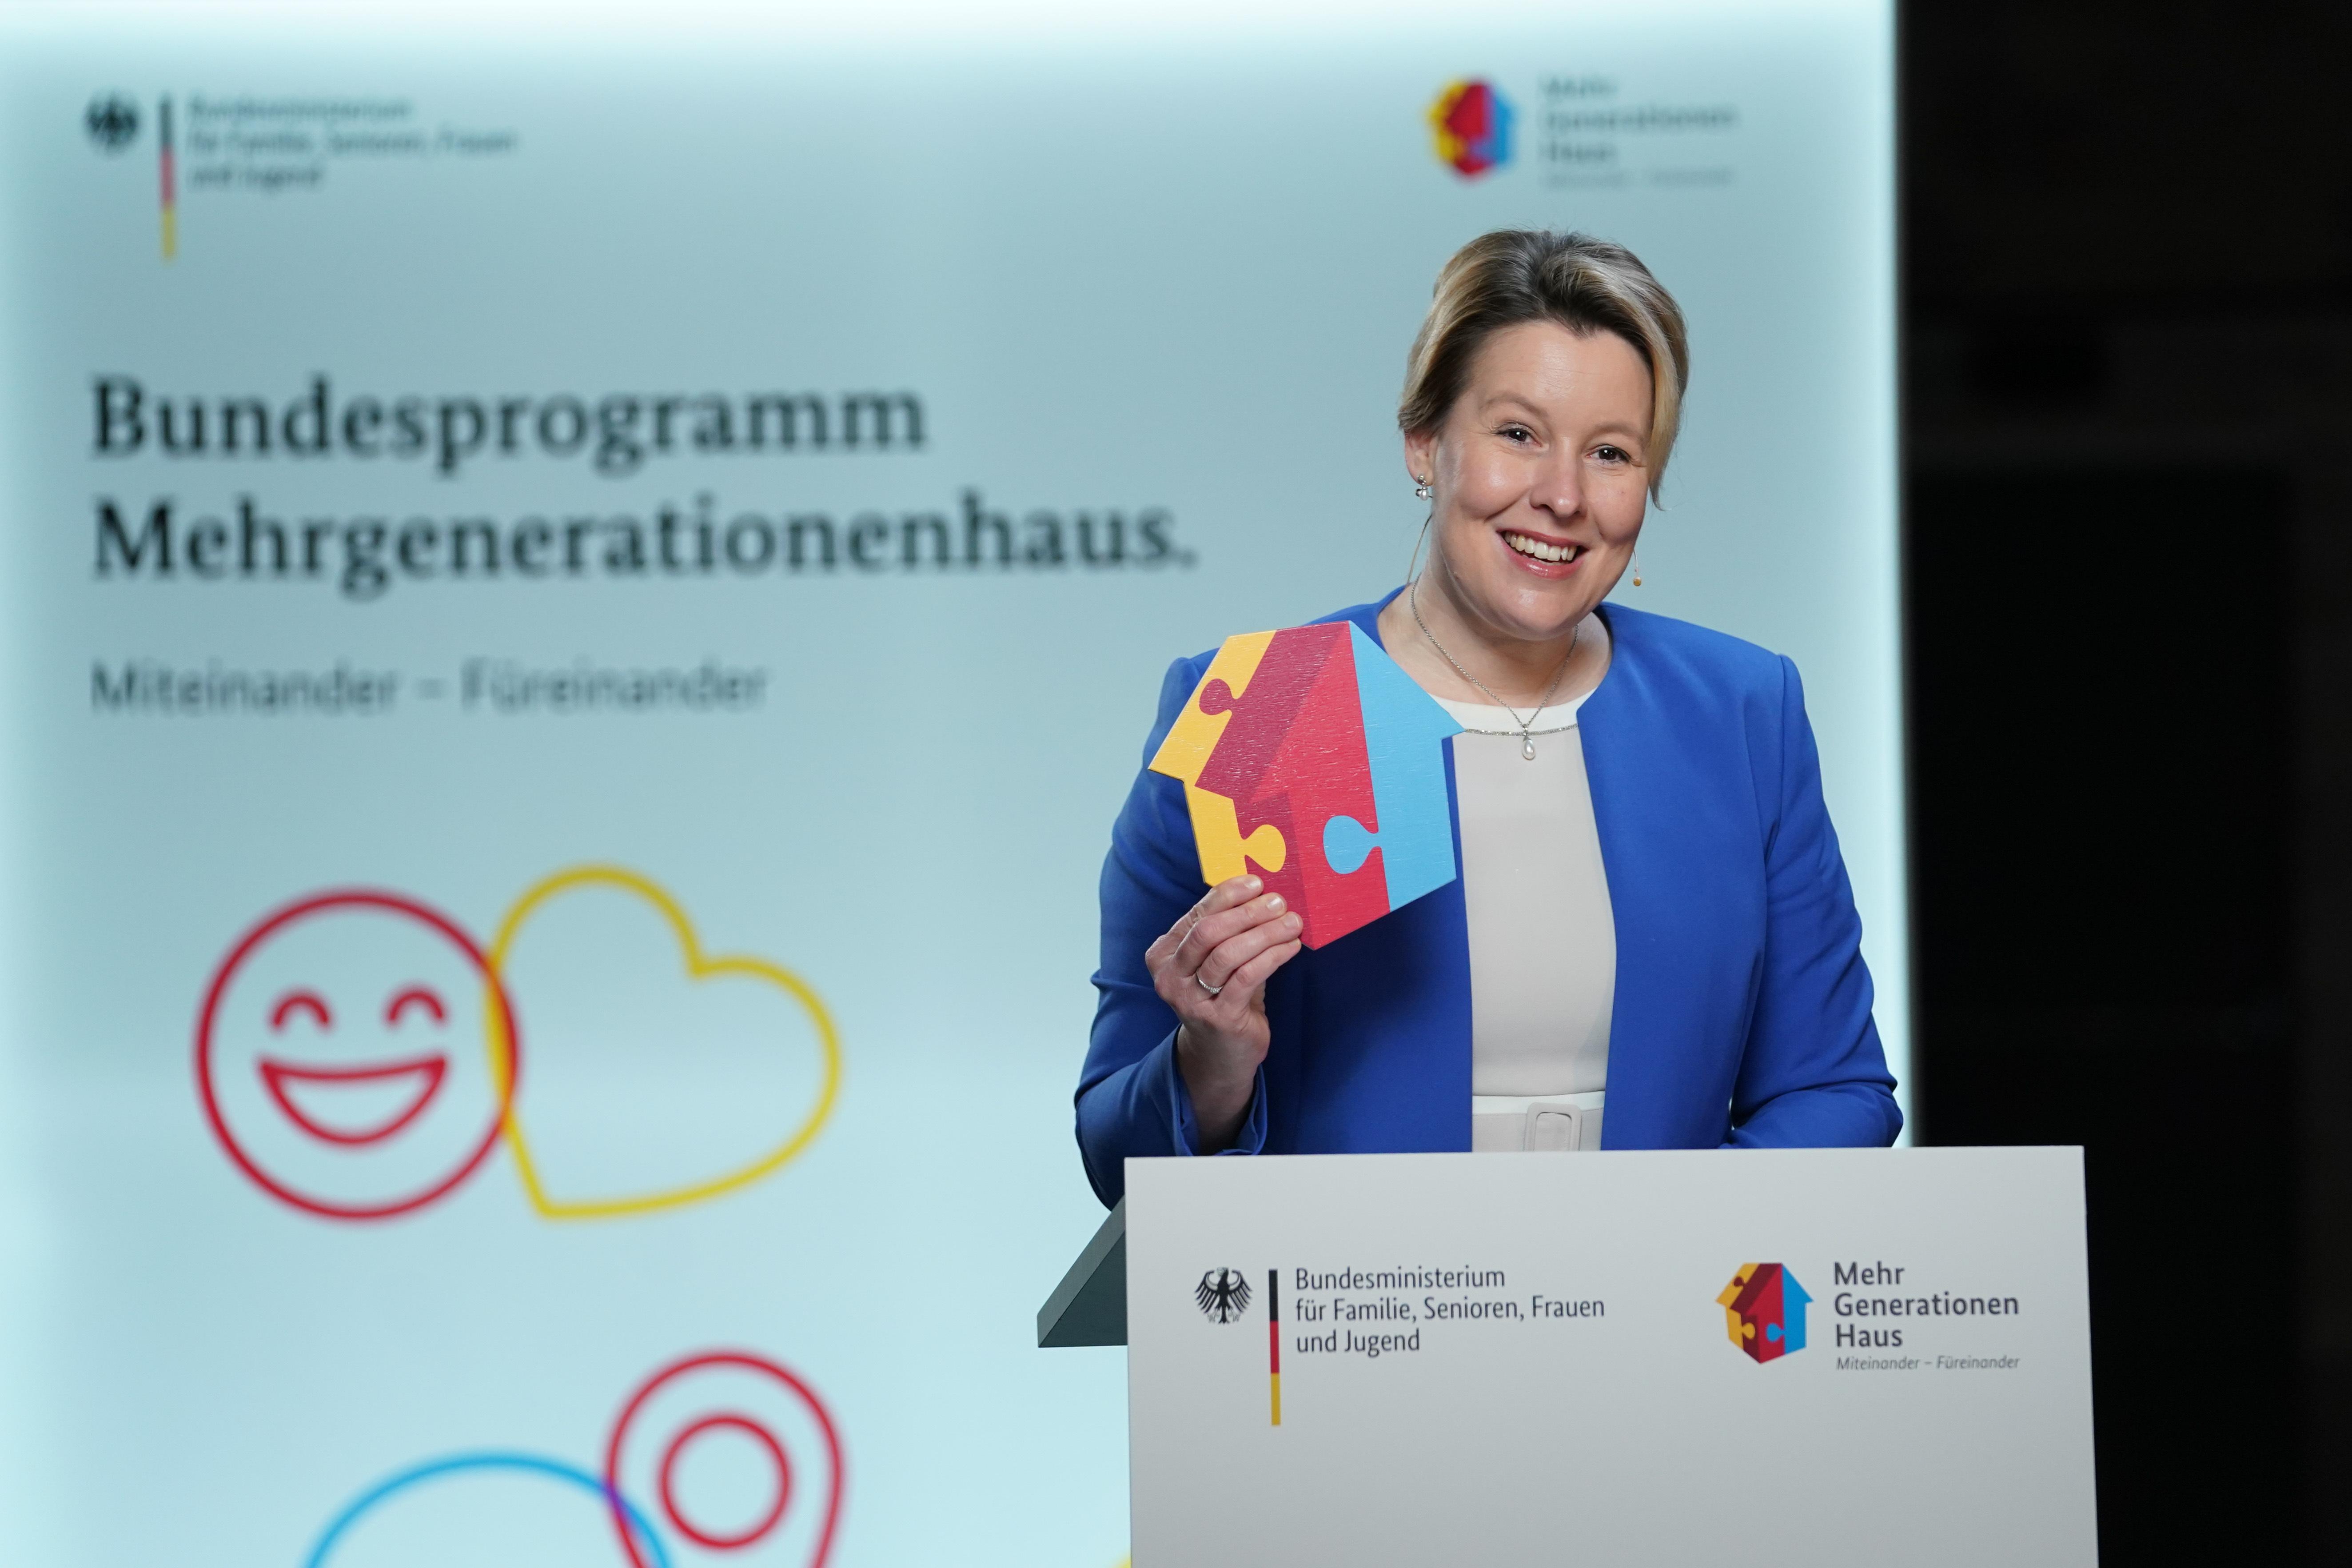 Bundesfamilienministerin Franziska Giffey steht am Rednerpult mit dem MGH-Häuser-Logo in der Hand